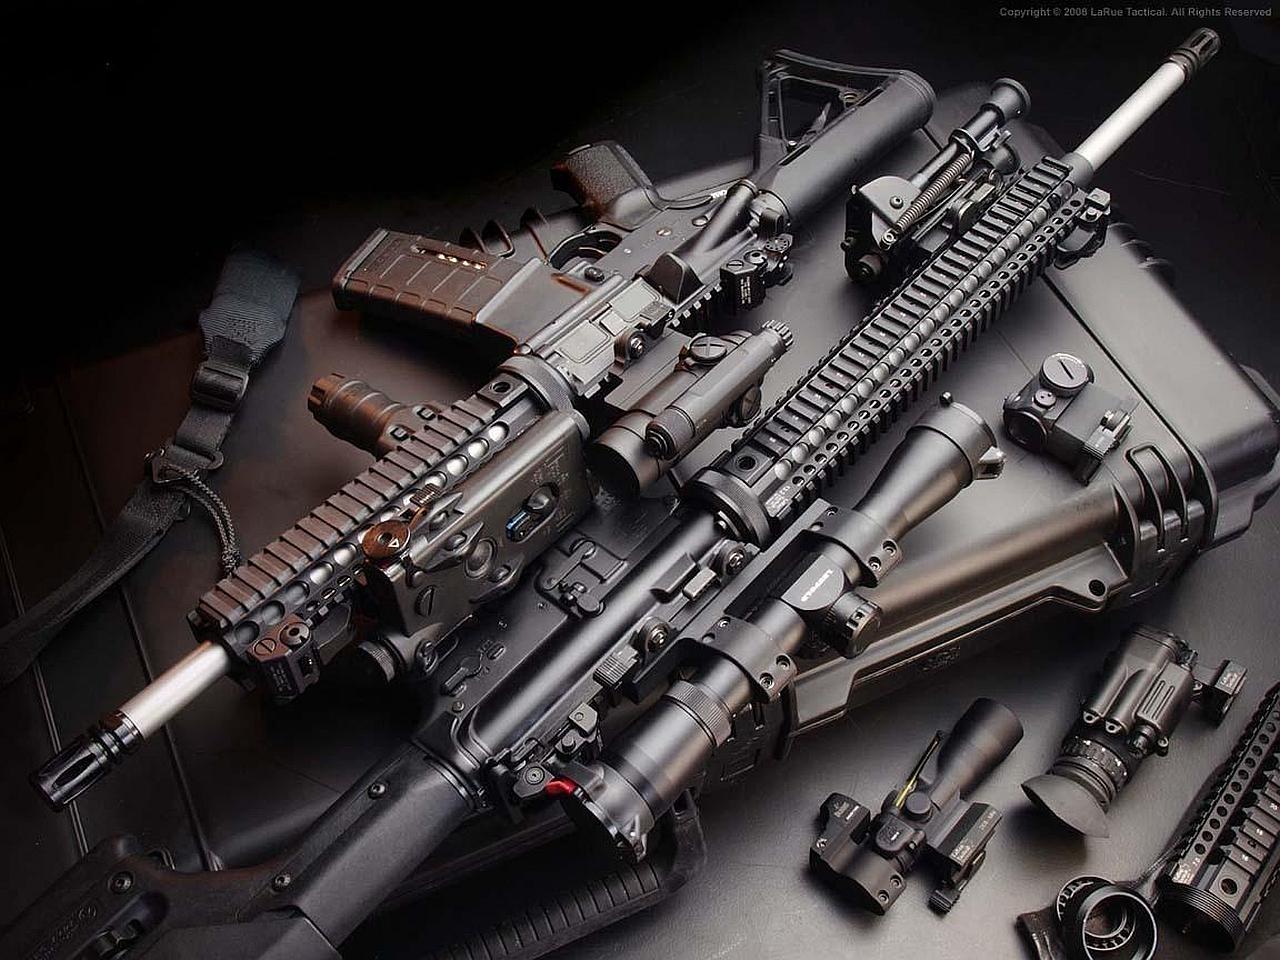 Assault Rifle Computer Wallpapers Desktop Backgrounds 1280x960 ID 1280x960